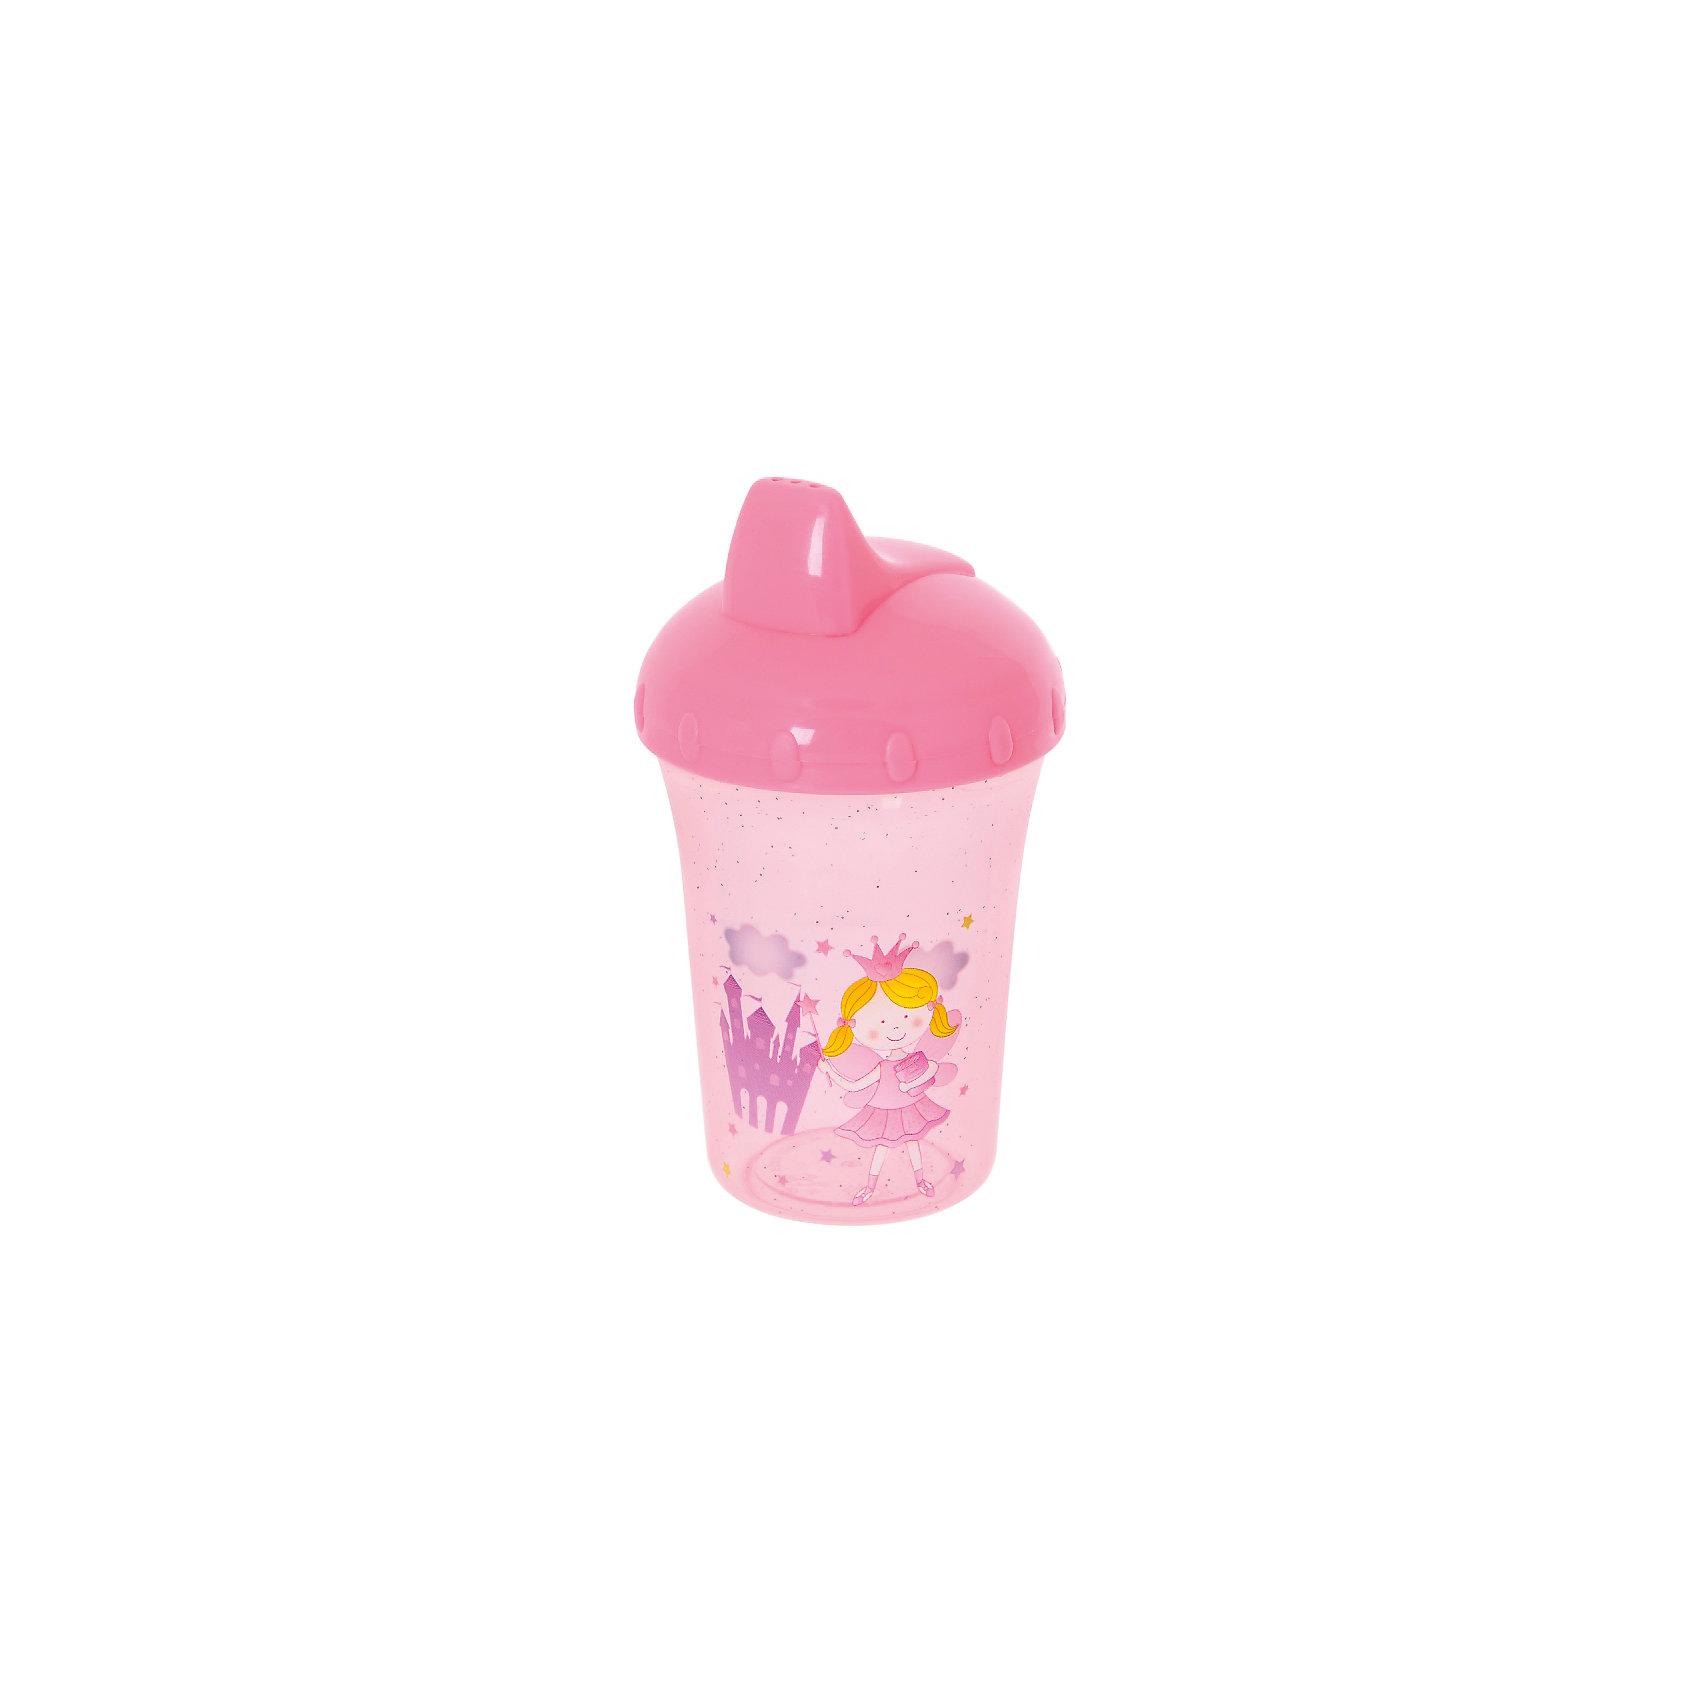 Поильник-непроливайка Принцесса, 260 мл, Kurnosiki, розовыйХарактеристики:<br><br>• Предназначение: для приучения к кружке<br>• Материал: пластик, силикон<br>• Пол: для девочки<br>• Цвет: розовый<br>• Тематика рисунка: принцессы<br>• Объем: 260 мл<br>• Тип носика: жесткий<br>• Удобный широкий носик<br>• Съемная крышка<br>• Силиконовый-клапан непроливайка<br>• Можно использовать как для холодных, так и для горячих напитков<br>• Вес: 100 г<br>• Особенности ухода: разрешается мыть в посудомоечной машине<br><br>Поильник-непроливайка Принцесса, 260 мл, Kurnosiki, фиолетовый изготовлен из безопасного и ударопрочного пластика, устойчивого к появлению царапин и сколов. Форма изделия выполнена с учетом особенностей размера детских ручек, поэтому малышу будет удобно держать поильник. <br><br>Крышка оснащена твердым широким носиком, который обеспечивает оптимальный поток жидкости. Крышка с носиком плотно и герметично фиксируется на стакане, дополнительно предусмотрен силиконовый клапан, который защищает от проливания и протекания. <br><br>Изделие выполнено в ярком дизайне: стакан декорирован блестками и изображением принцессы. Без крышки изделие можно использовать в качестве стакана. С поильником-непроливайкой Принцесса, 260 мл, Kurnosiki, фиолетовый ваш малыш легко и быстро научится пить из кружки!<br><br>Поильник-непроливайку Принцесса, 260 мл, Kurnosiki, фиолетовый можно купить в нашем интернет-магазине.<br><br>Ширина мм: 80<br>Глубина мм: 100<br>Высота мм: 190<br>Вес г: 70<br>Возраст от месяцев: 4<br>Возраст до месяцев: 36<br>Пол: Женский<br>Возраст: Детский<br>SKU: 5428733